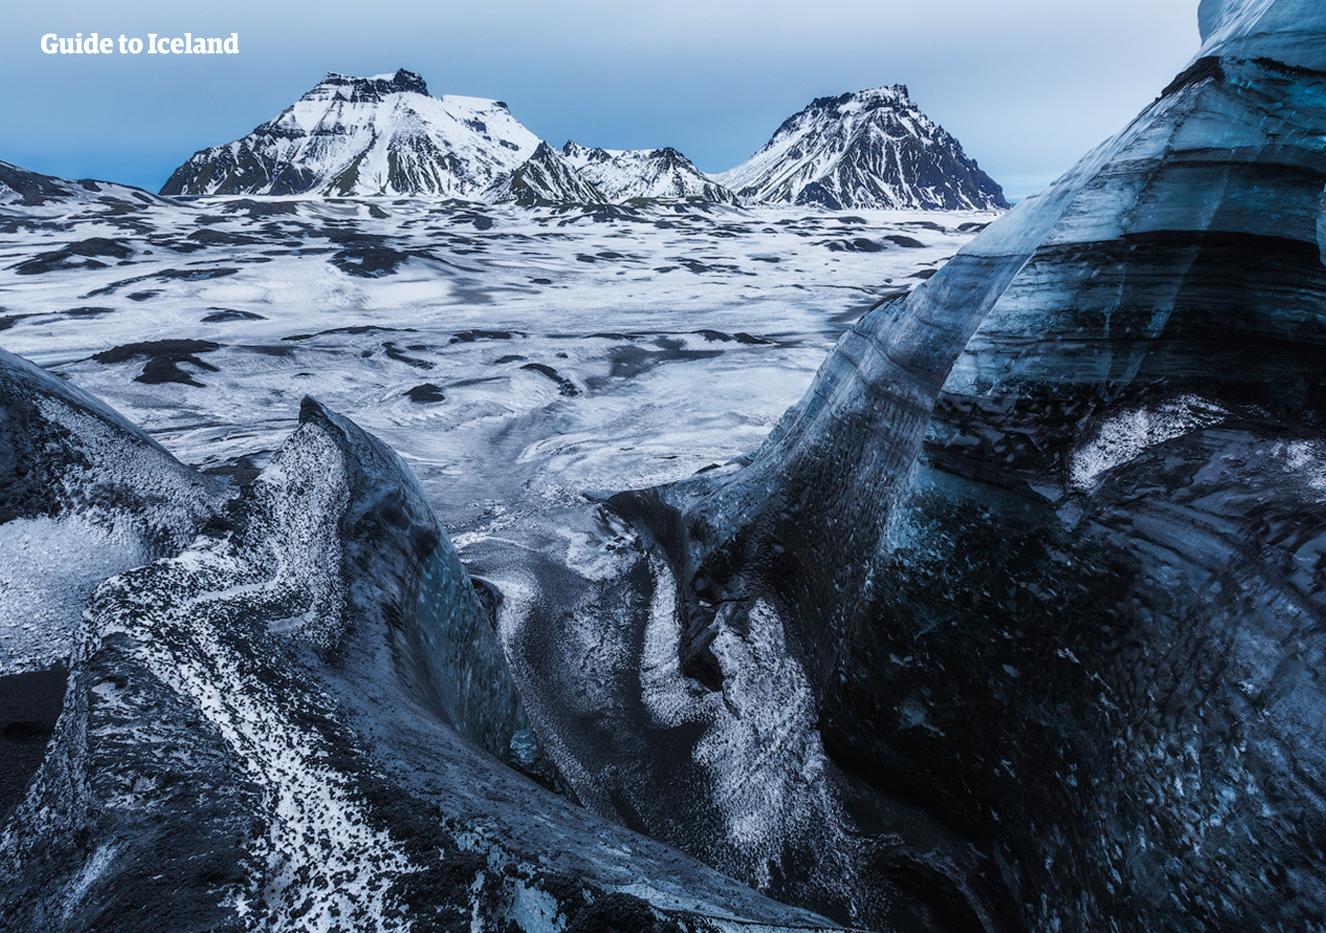 ยอดเขาบนธารน้ำแข็งมิร์ดาลสโจกุลถูกปกคลุมด้วยขี้เถ้าสีดำตั้งแต่เมื่อครั้งที่ภูเขาไฟระเบิด